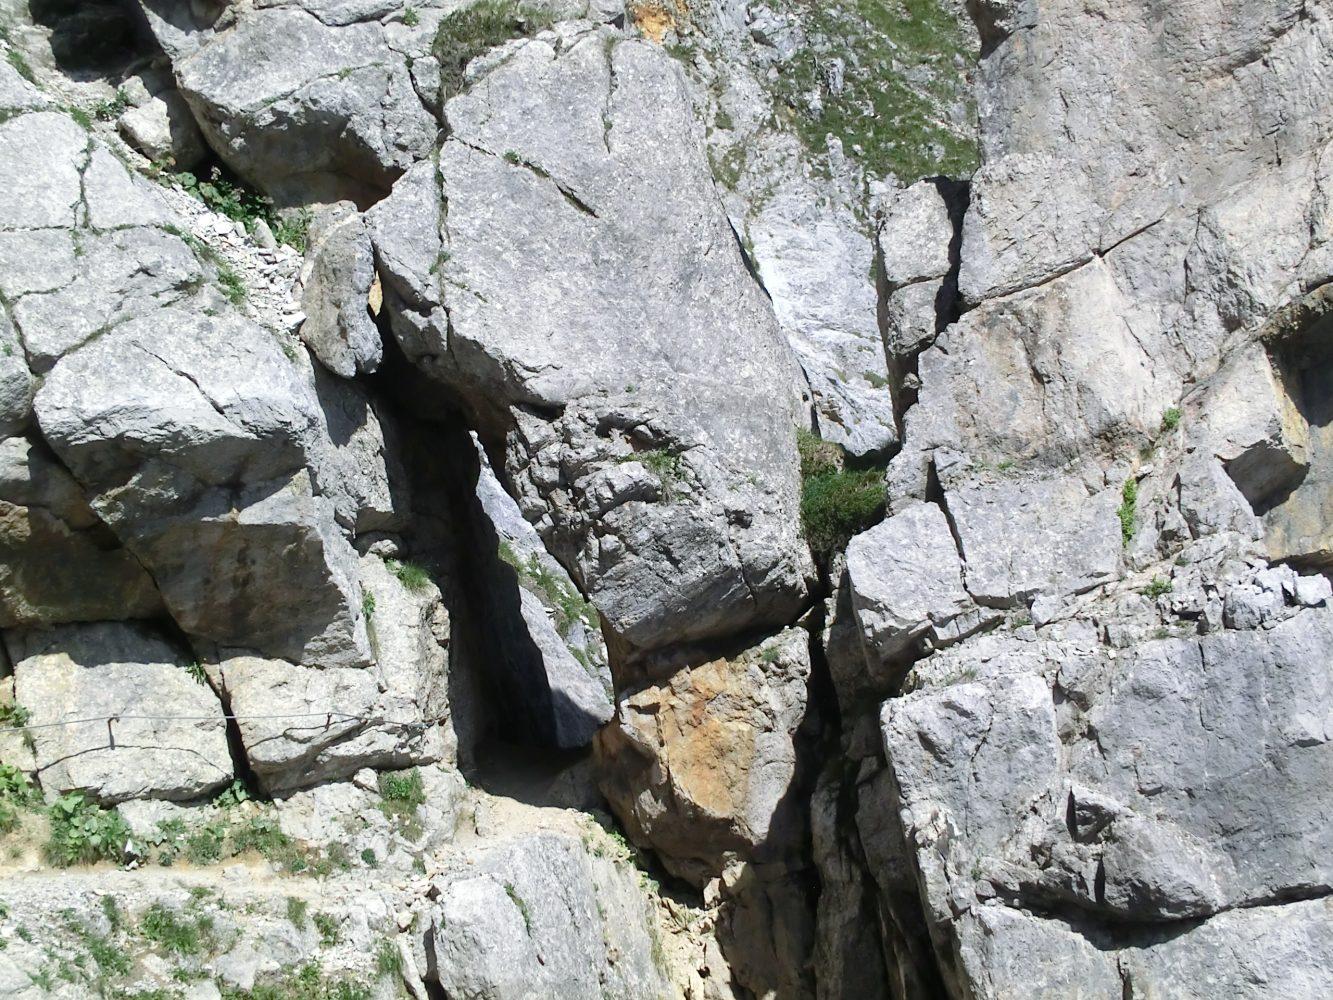 der Fels, die Sonne, der leichte Wind und eine Zeit lang lang eins zu sein mit dem Berg, lassen einen den Alltag komplett vergessen